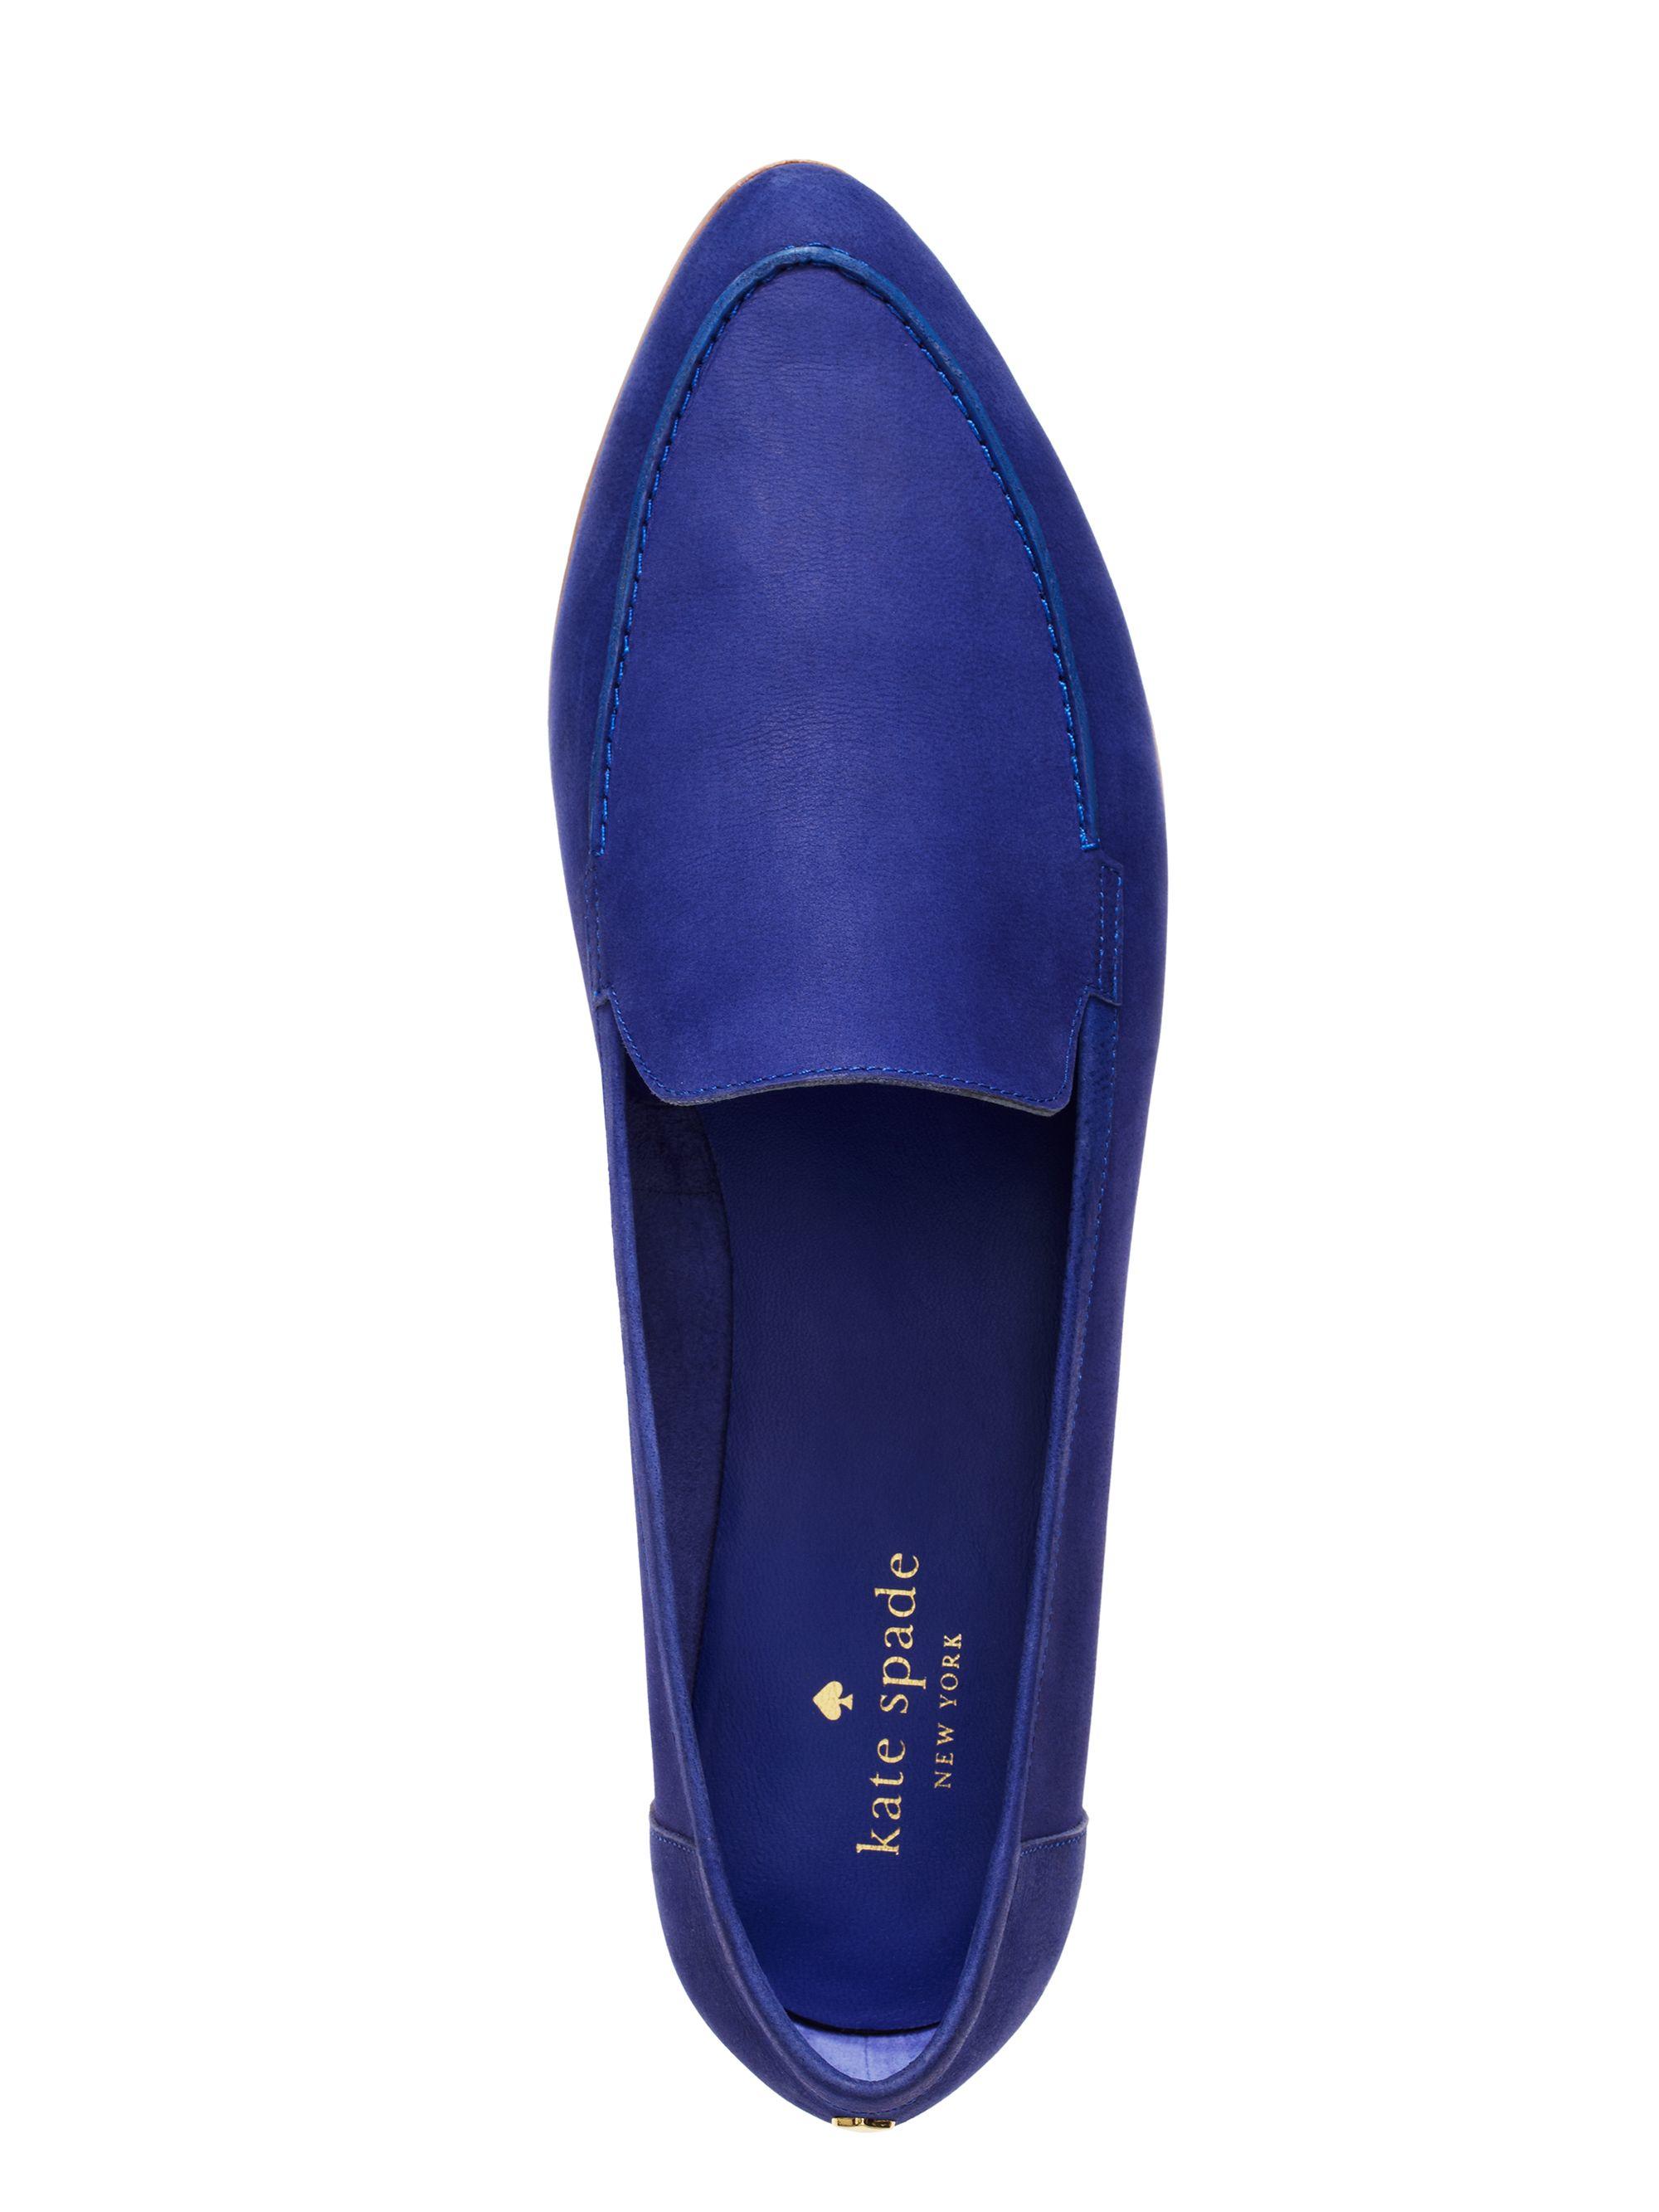 8a557a89e612 Kate Spade Carima Flats in Blue - Lyst